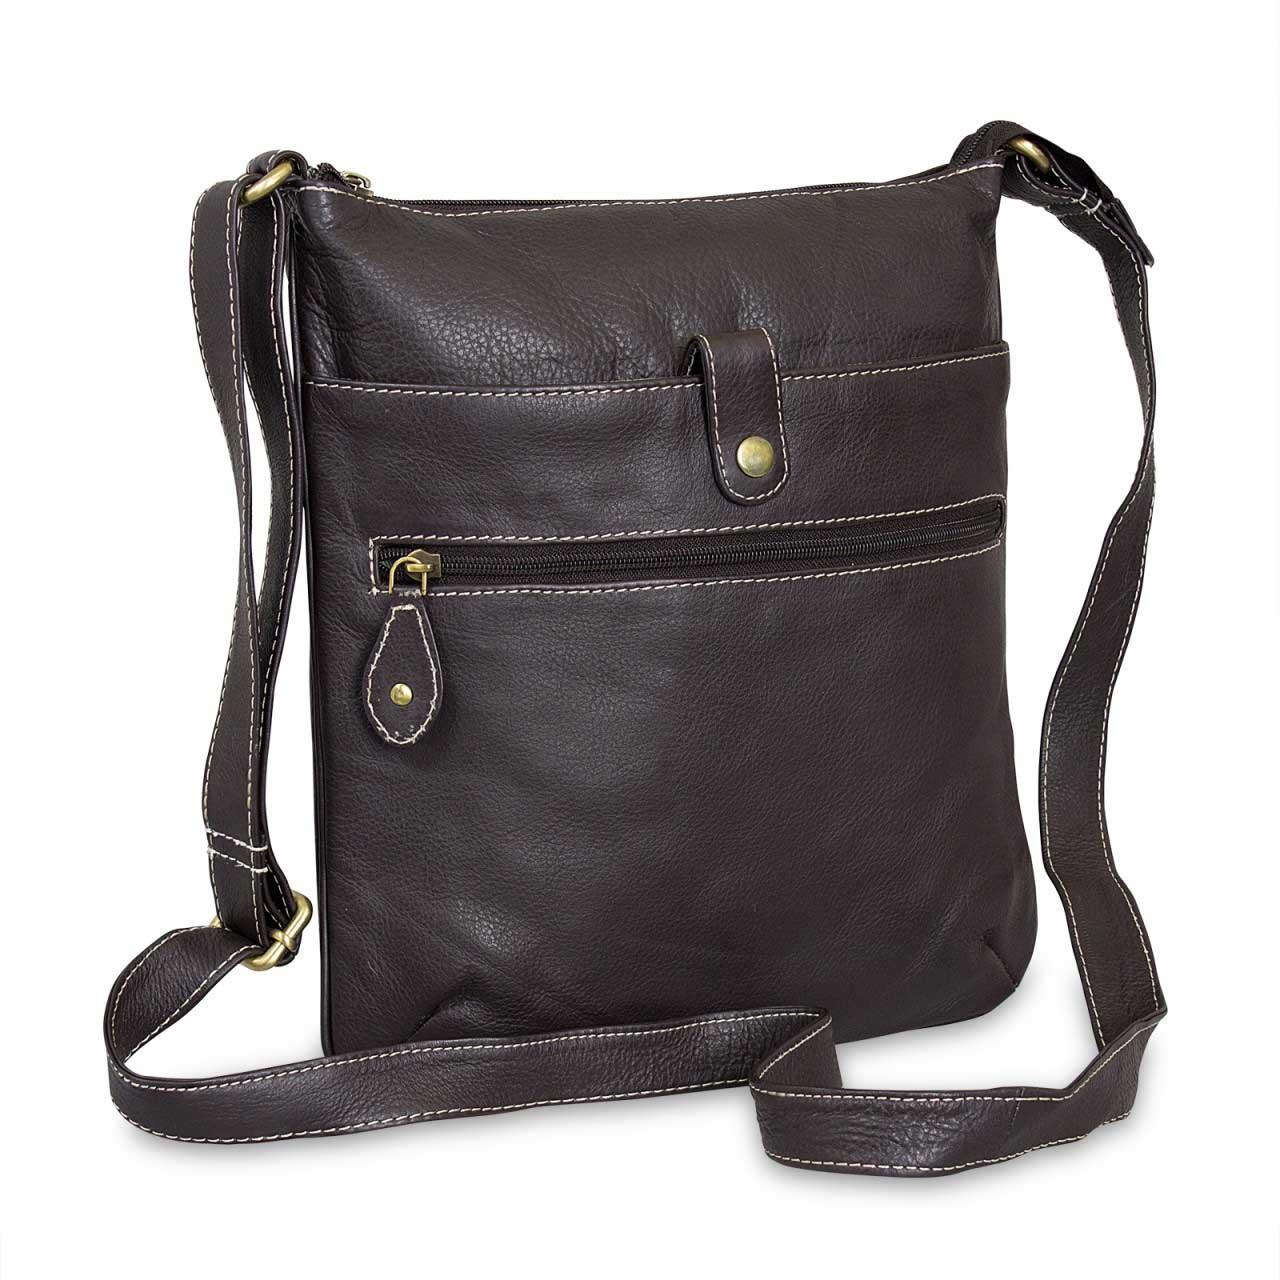 412fb3c8eb004 Braune Umhängetasche für Damen Handtasche Abendtasche Leder